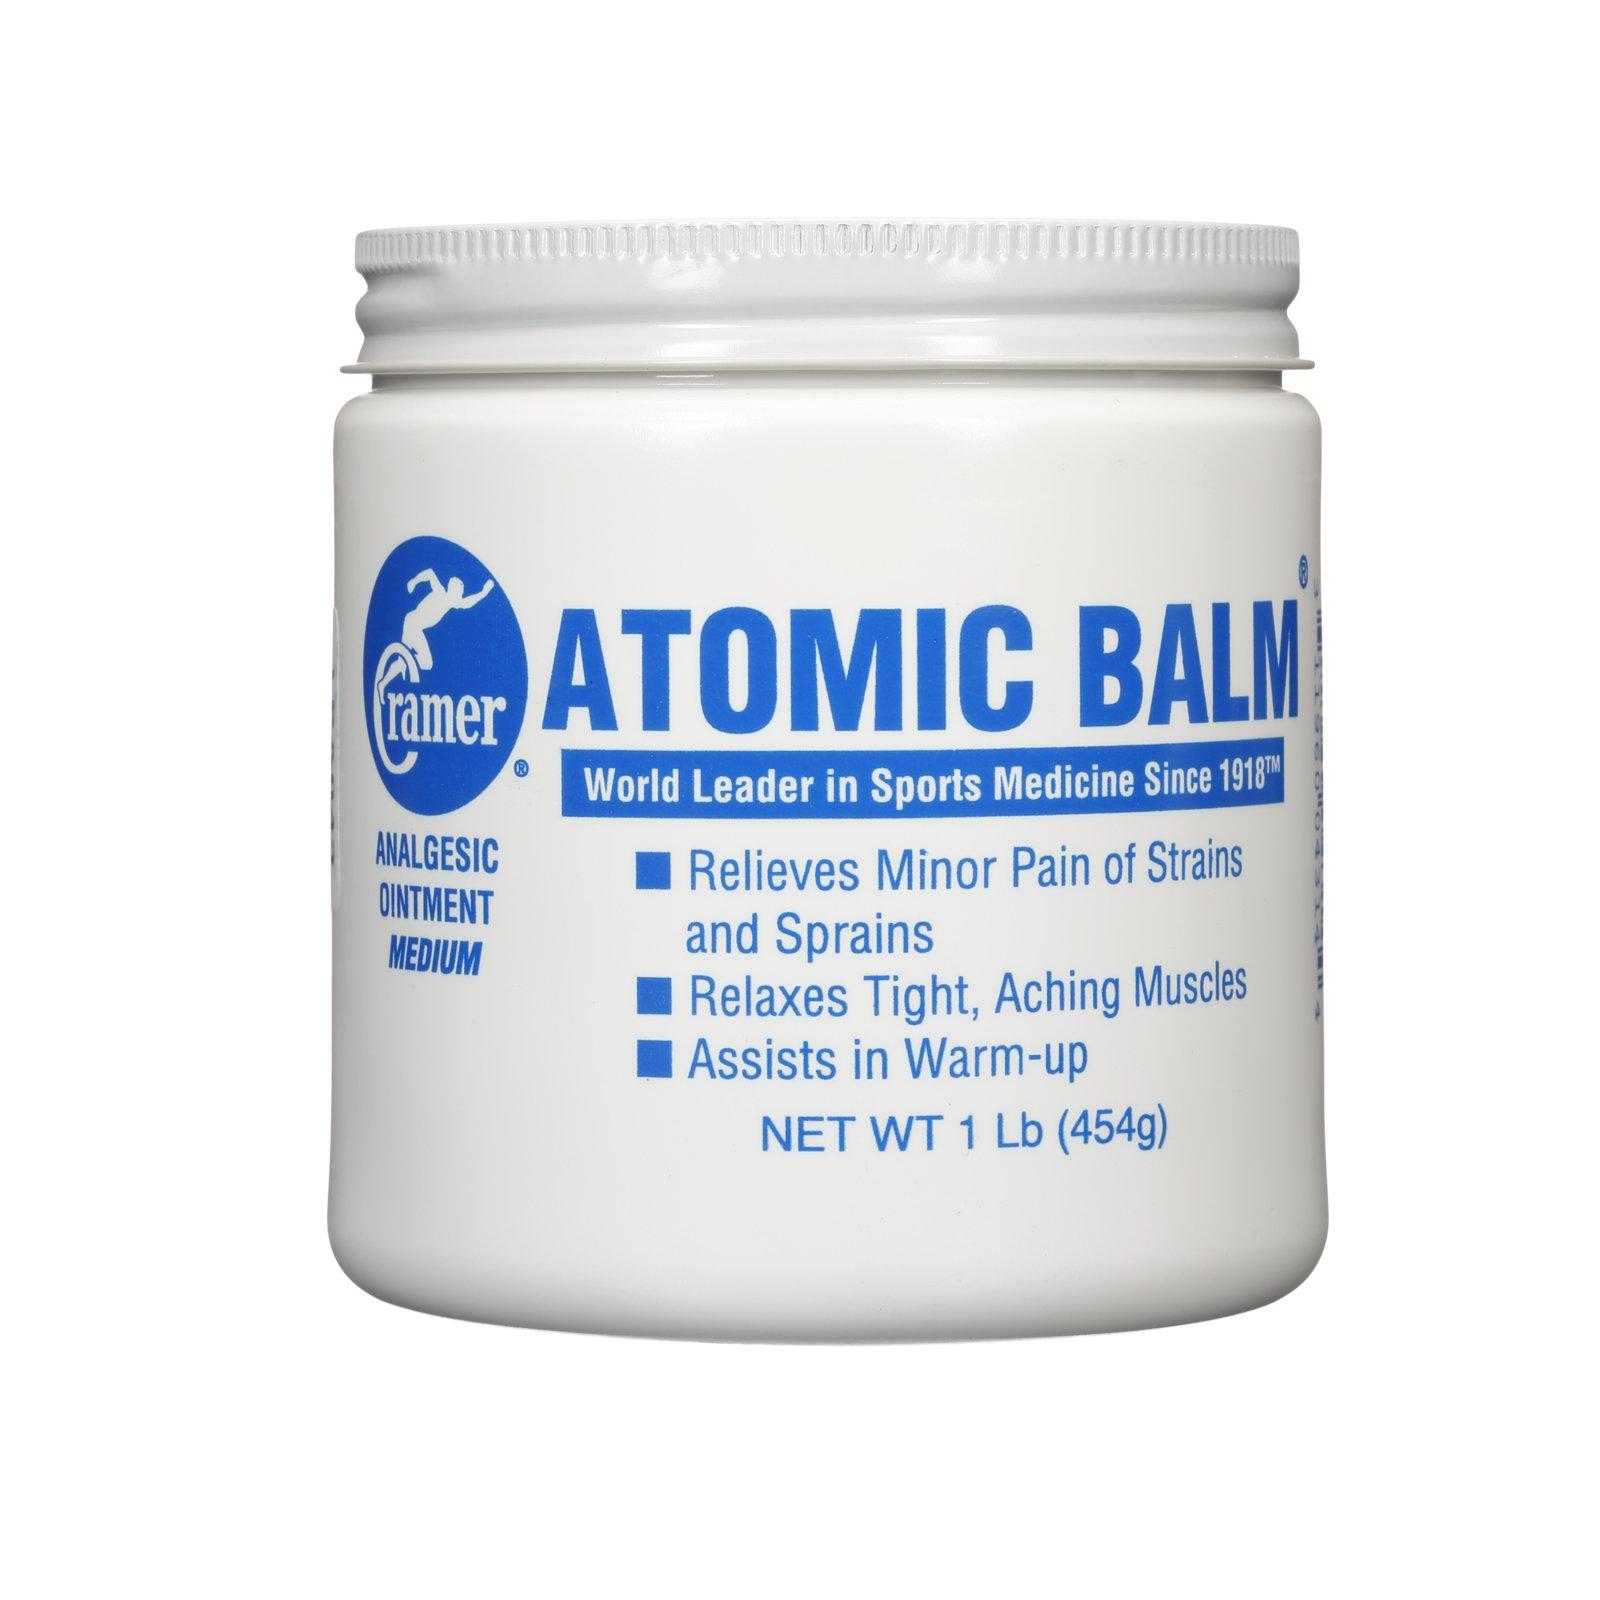 Cramer Atomic Balm 1 Lb. Jar (EA)